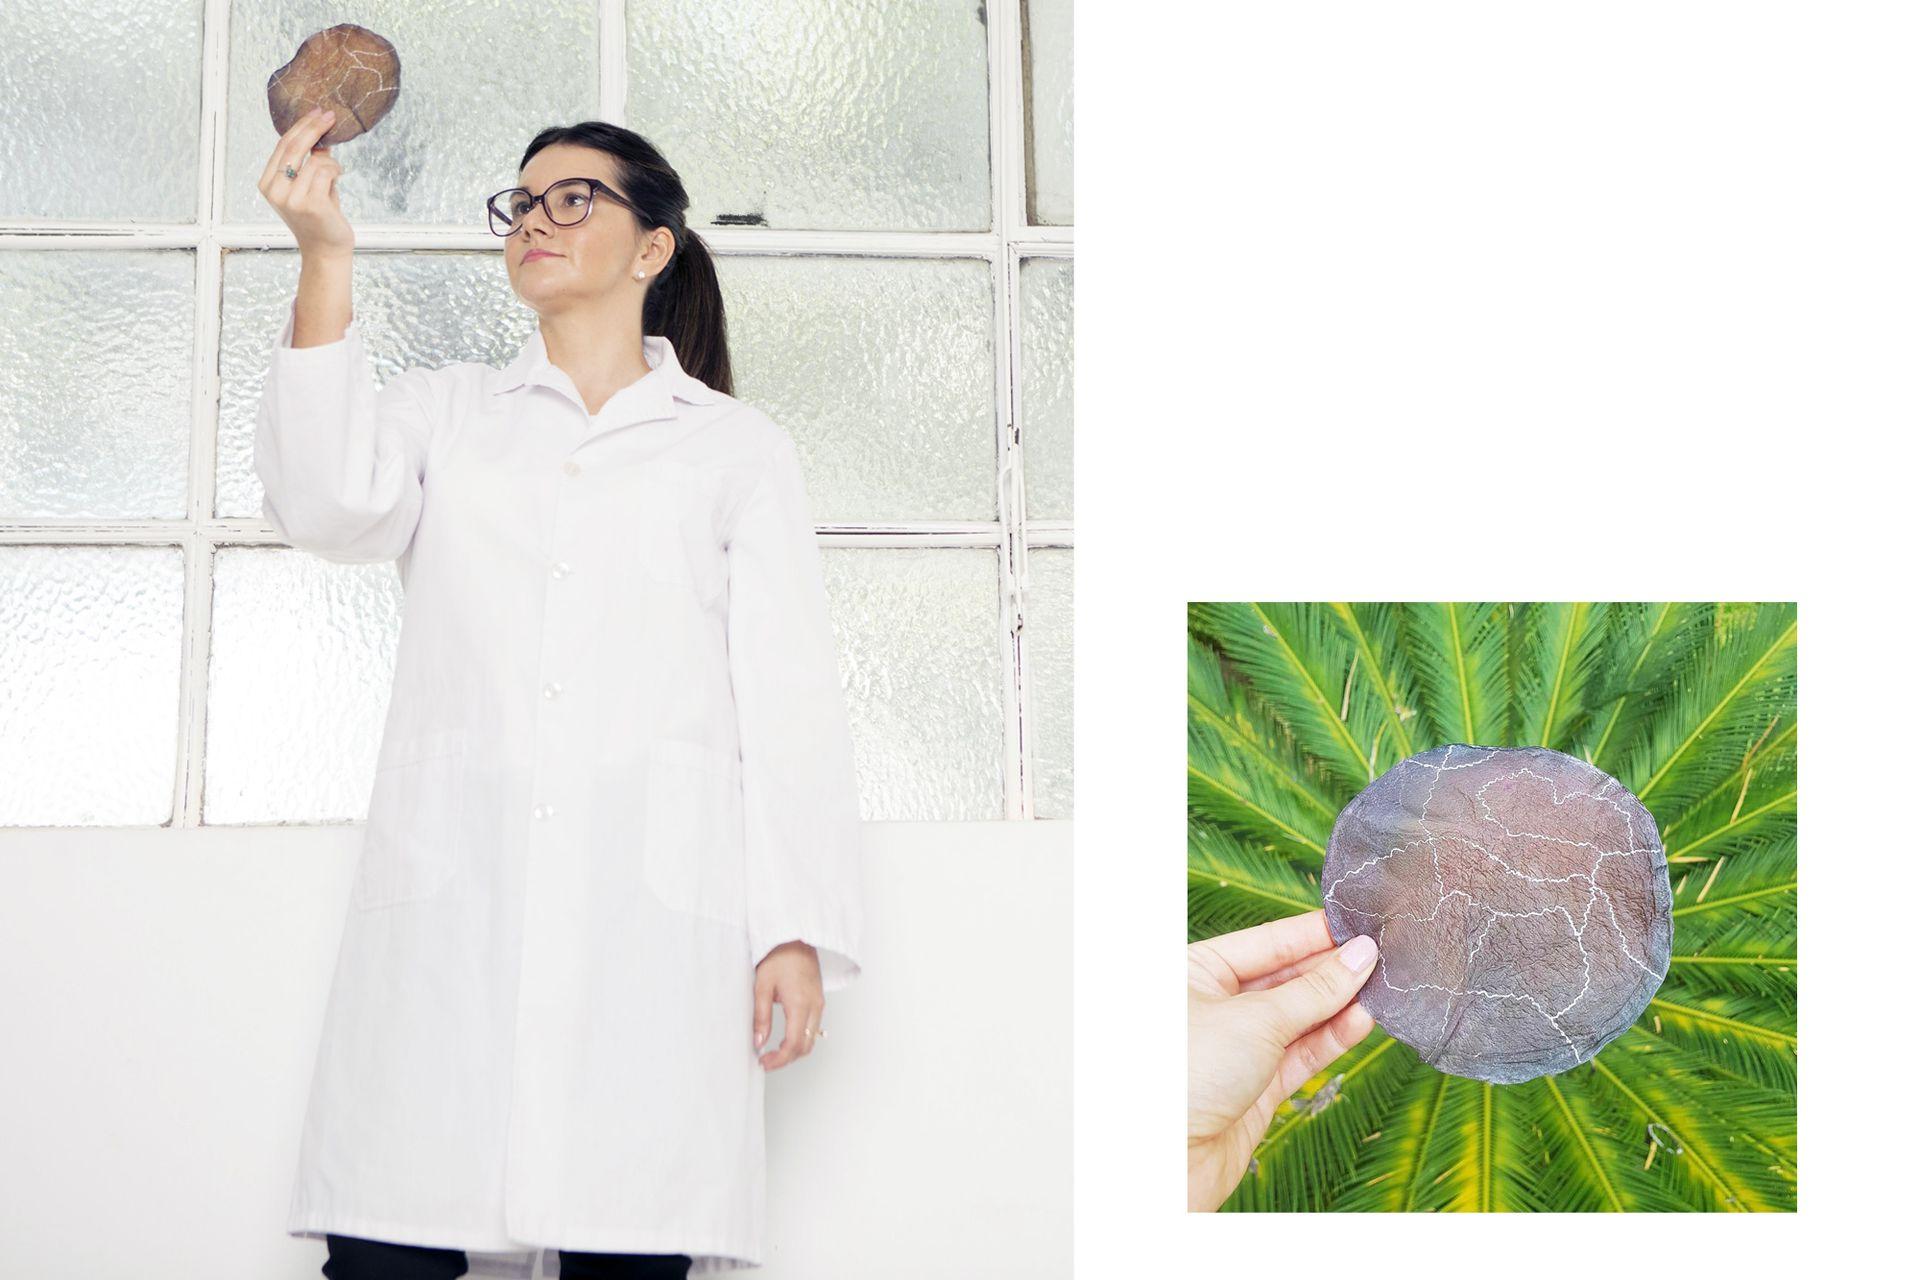 Verónica Bergottini cultiva biomateriales producidos por microrganismos para vestidos y carteras